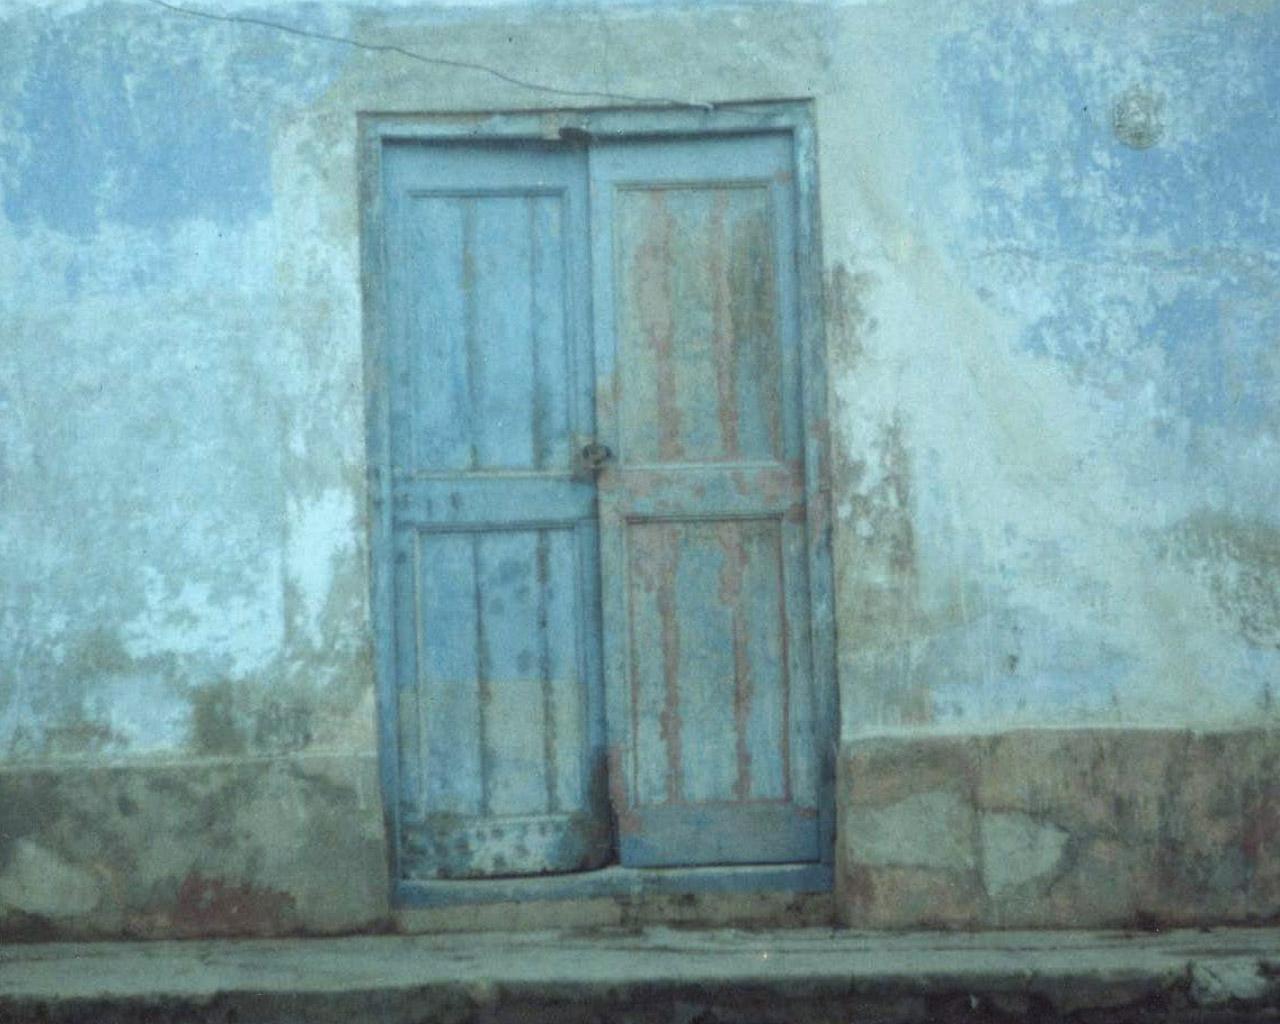 la casa azul by ArtL2000